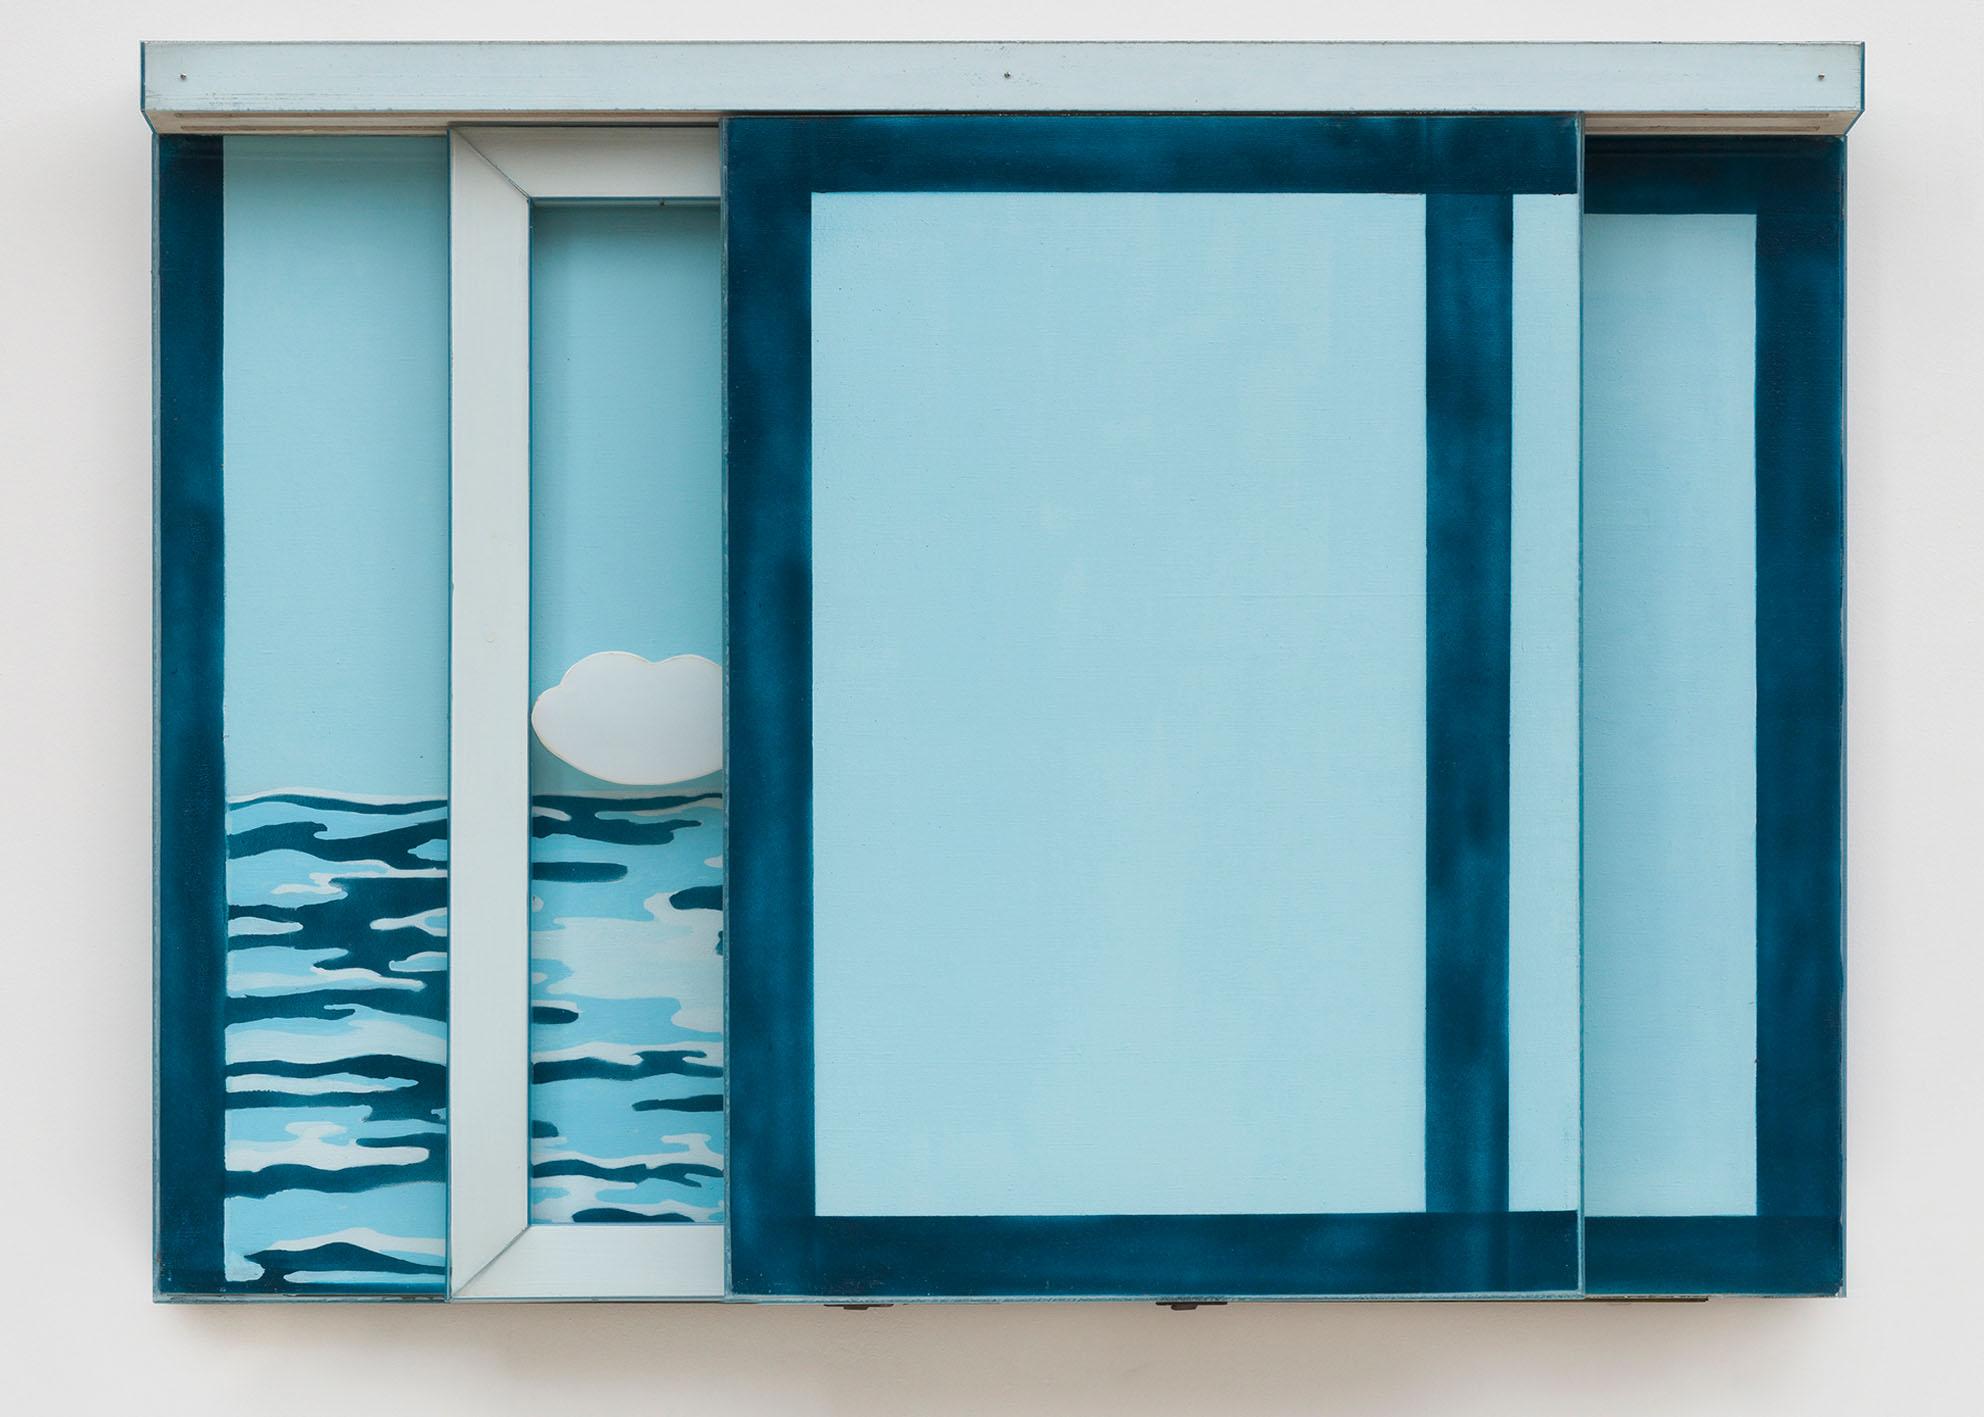 Laura Grisi artista e opere alla galleria P420 - P420 Galleria d\'Arte